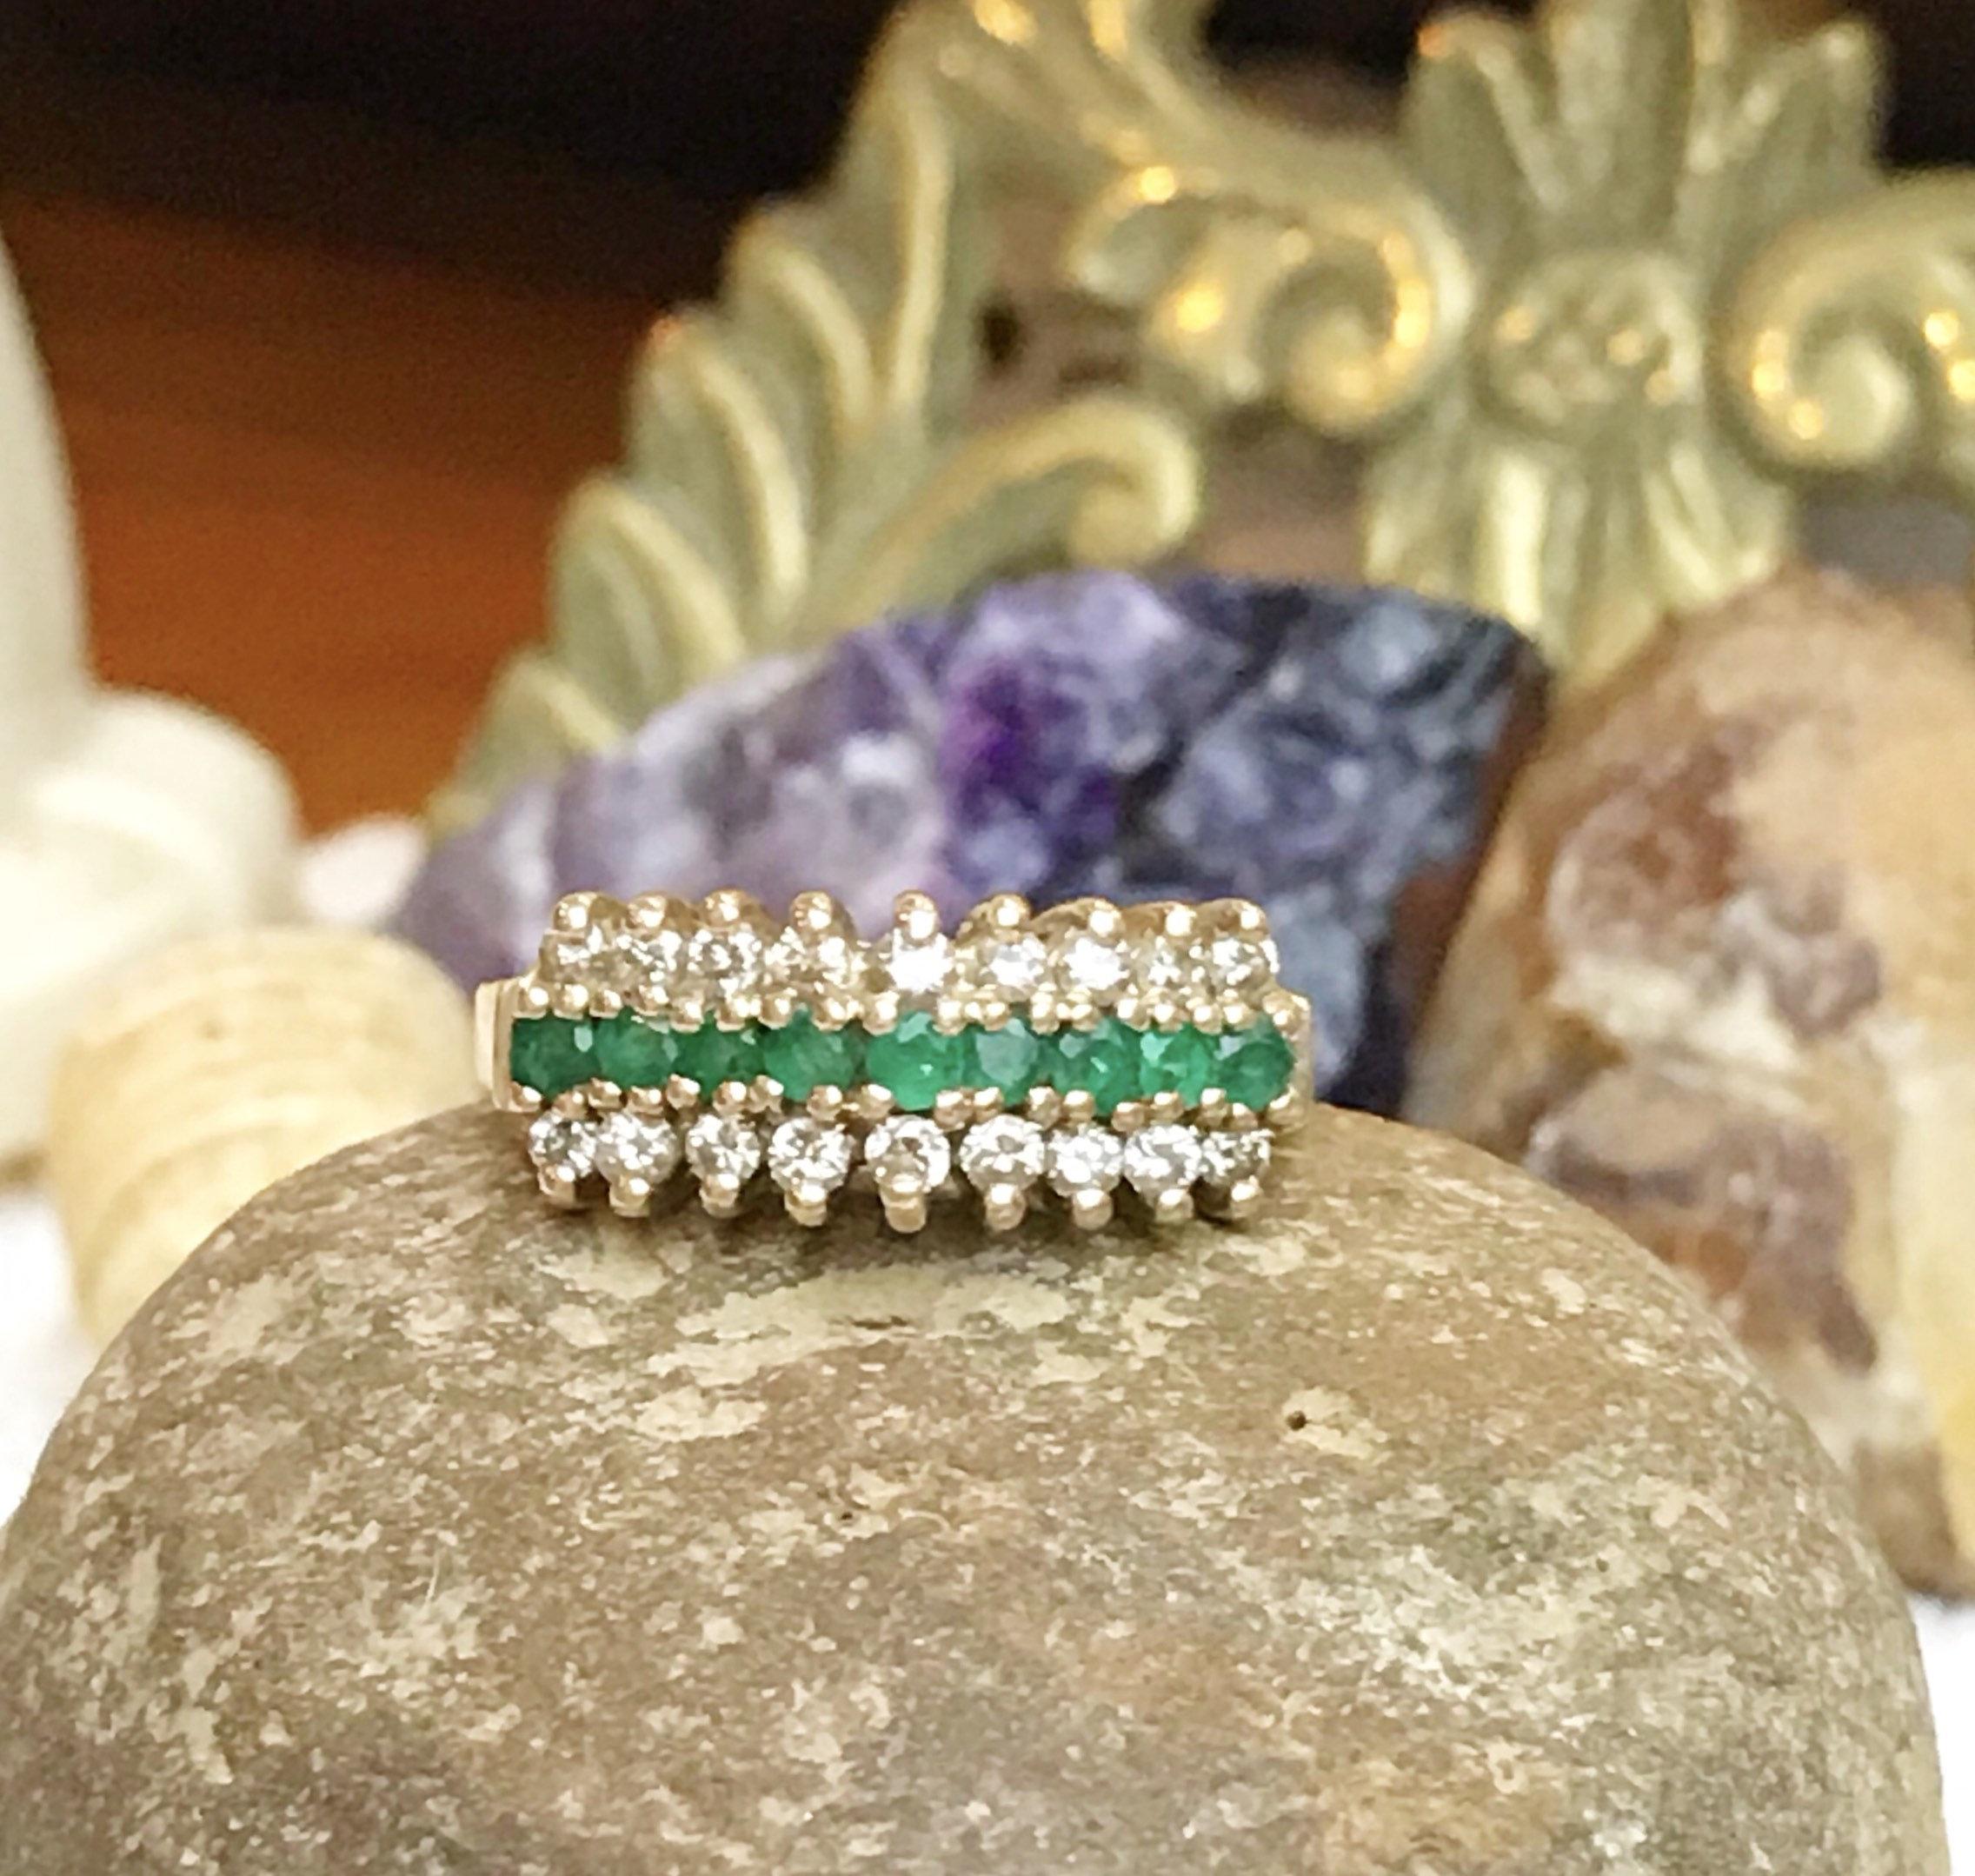 Vintage 14K Yellow Gold Three Row Emerald & Diamond Pyramid Ring, 14K Gold  3 Row Round Emerald And Diamond Tiara Anniversary Ring, .90 Ctw Regarding 2020 Diamond Vintage Style Three Row Anniversary Bands In Gold (Gallery 24 of 25)